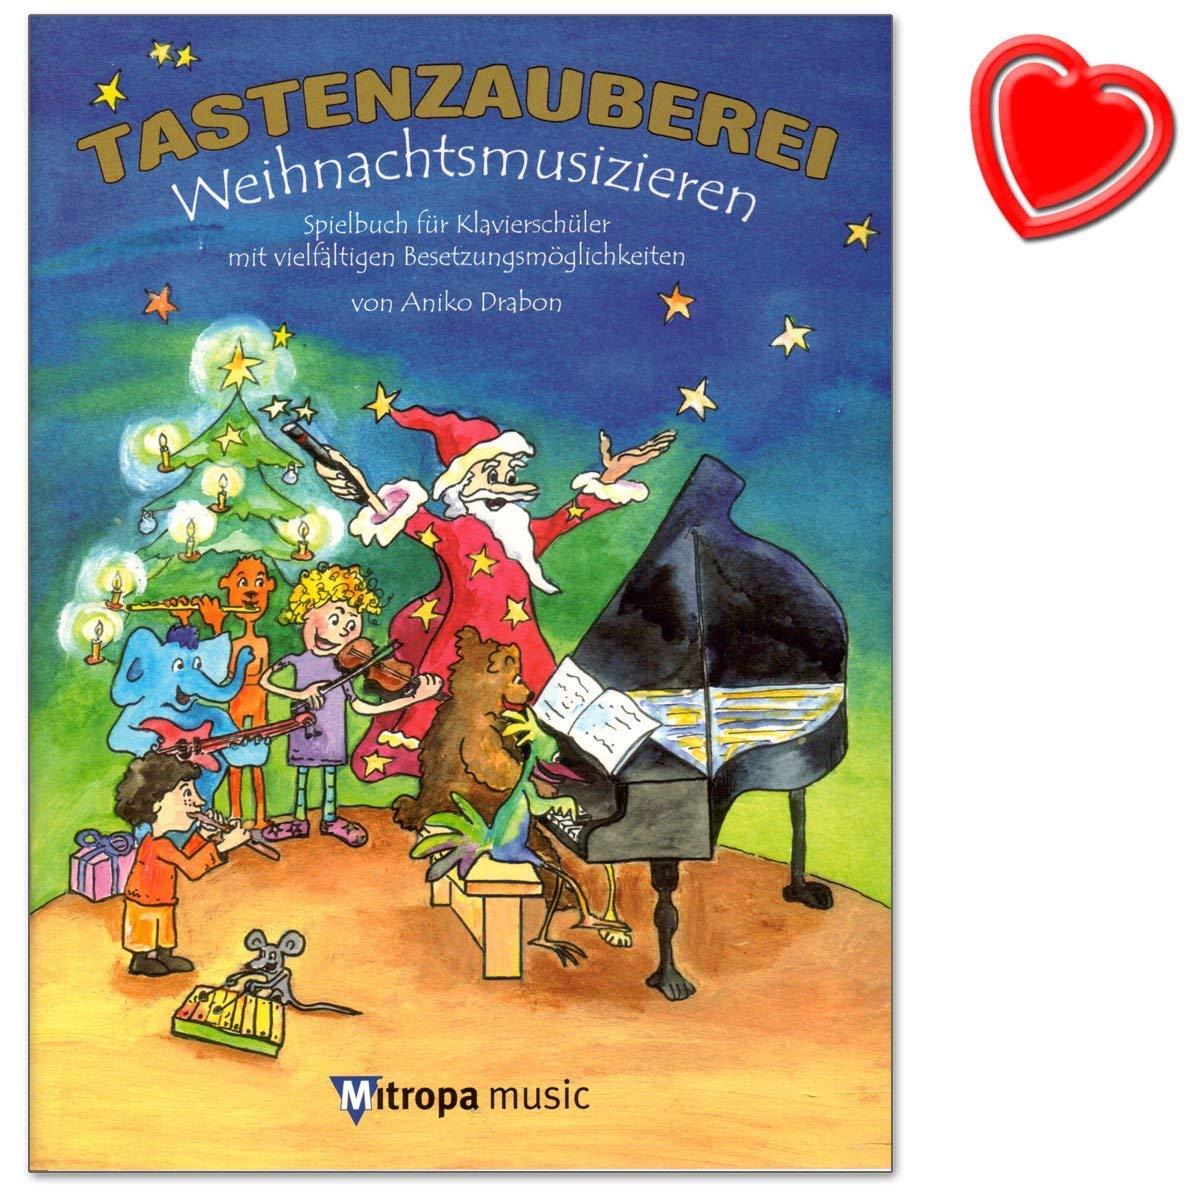 Tastenzauberei Weihnachtsmusizieren   Spielbuch Für Klavier Von A. Drabon Mit Vielfätigen Besetzungsmöglichkeiten   Solo Vierhändig Klavier C Instr Gesang  + Herzförmiger Notenklammer